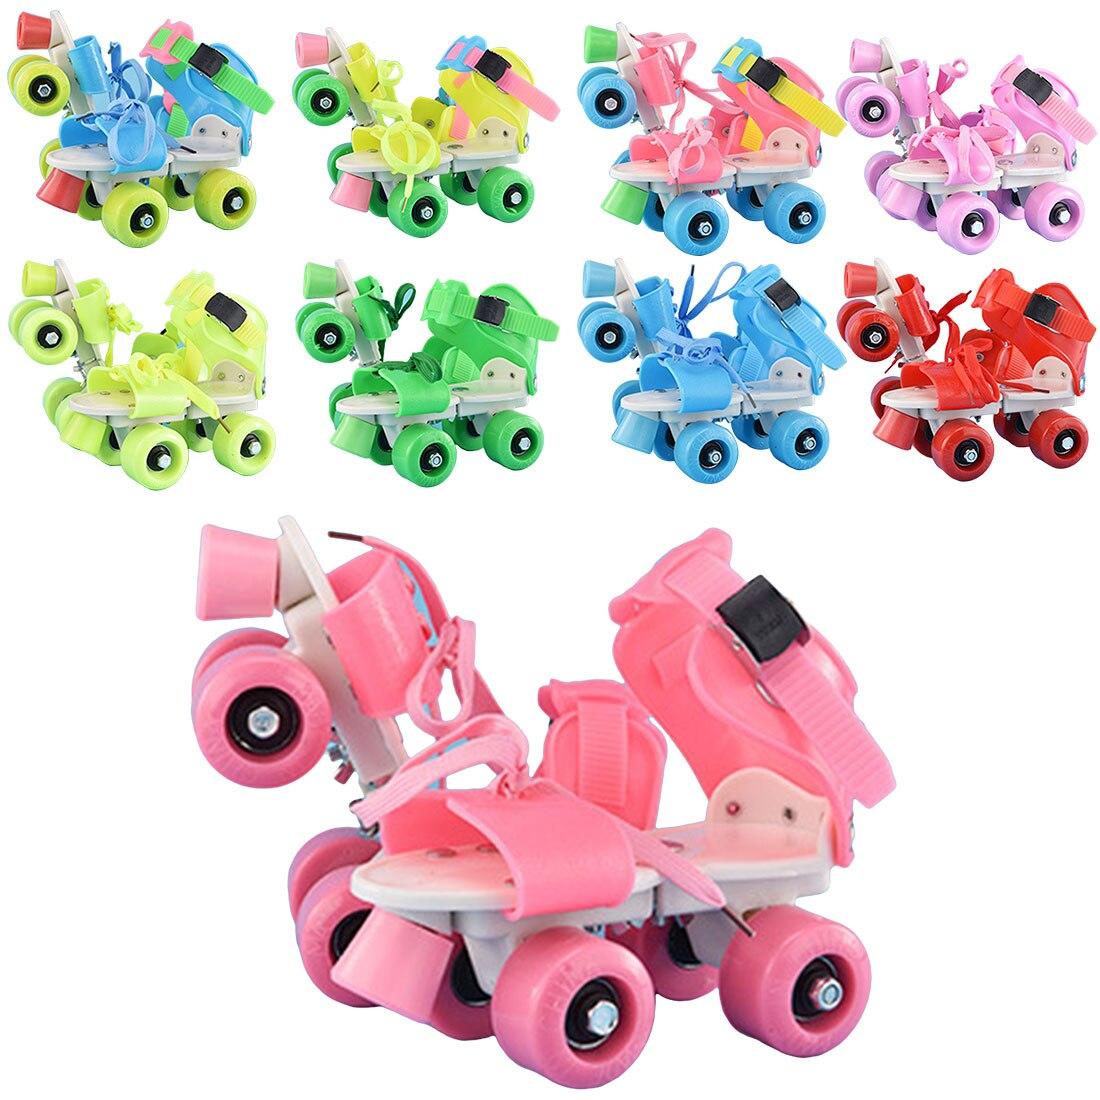 4 roues enfants patins à roulettes Double rangée réglable taille chaussures de patinage Slalom coulissant patins à roues alignées enfants cadeaux